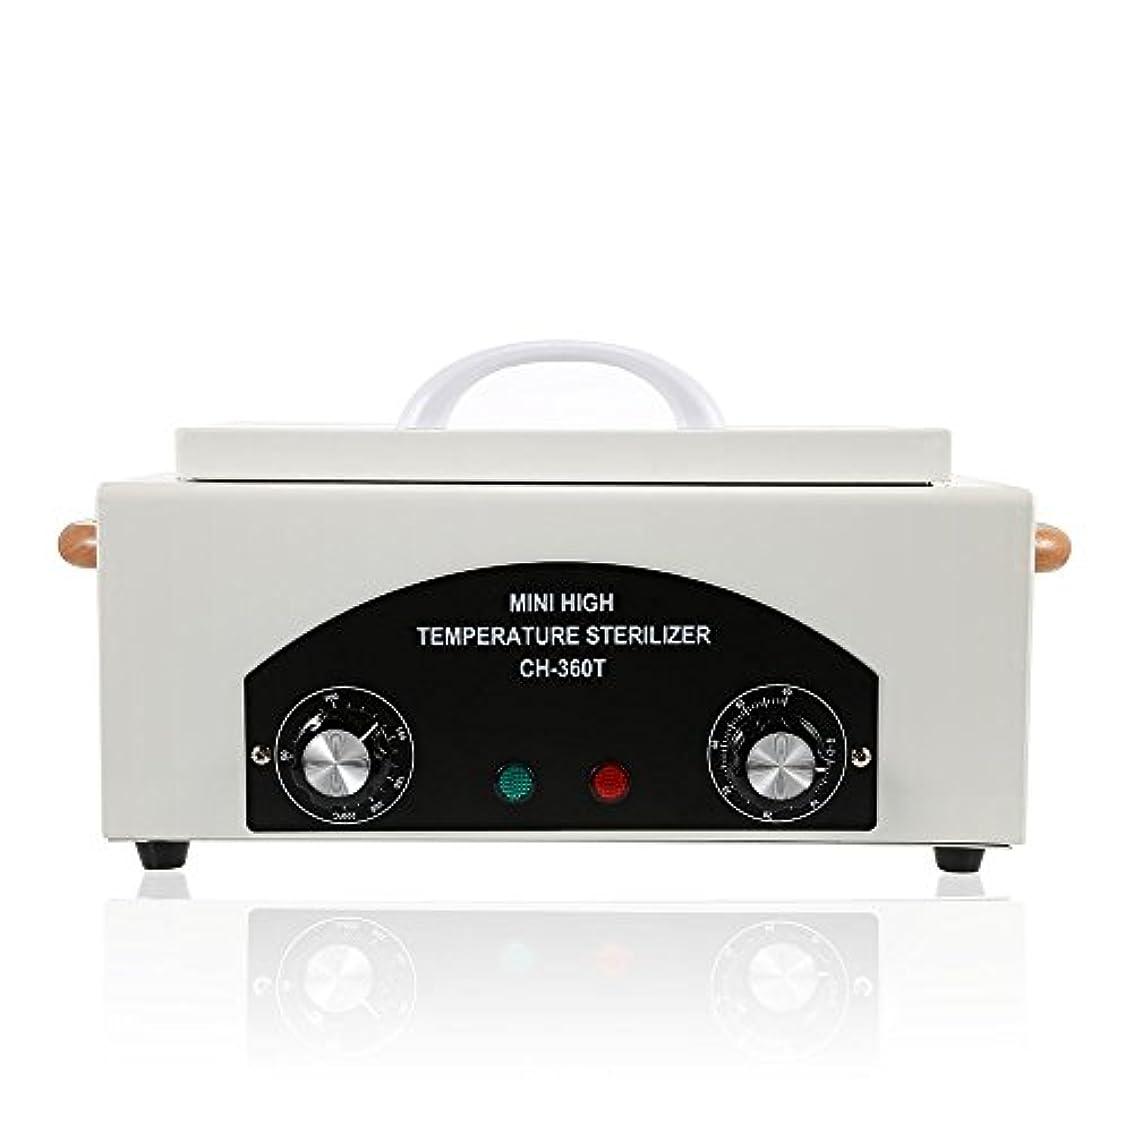 高温殺菌装置 ネイルボックス サロン美容ツール 爪消毒用具 乾熱ポータブル殺菌装置